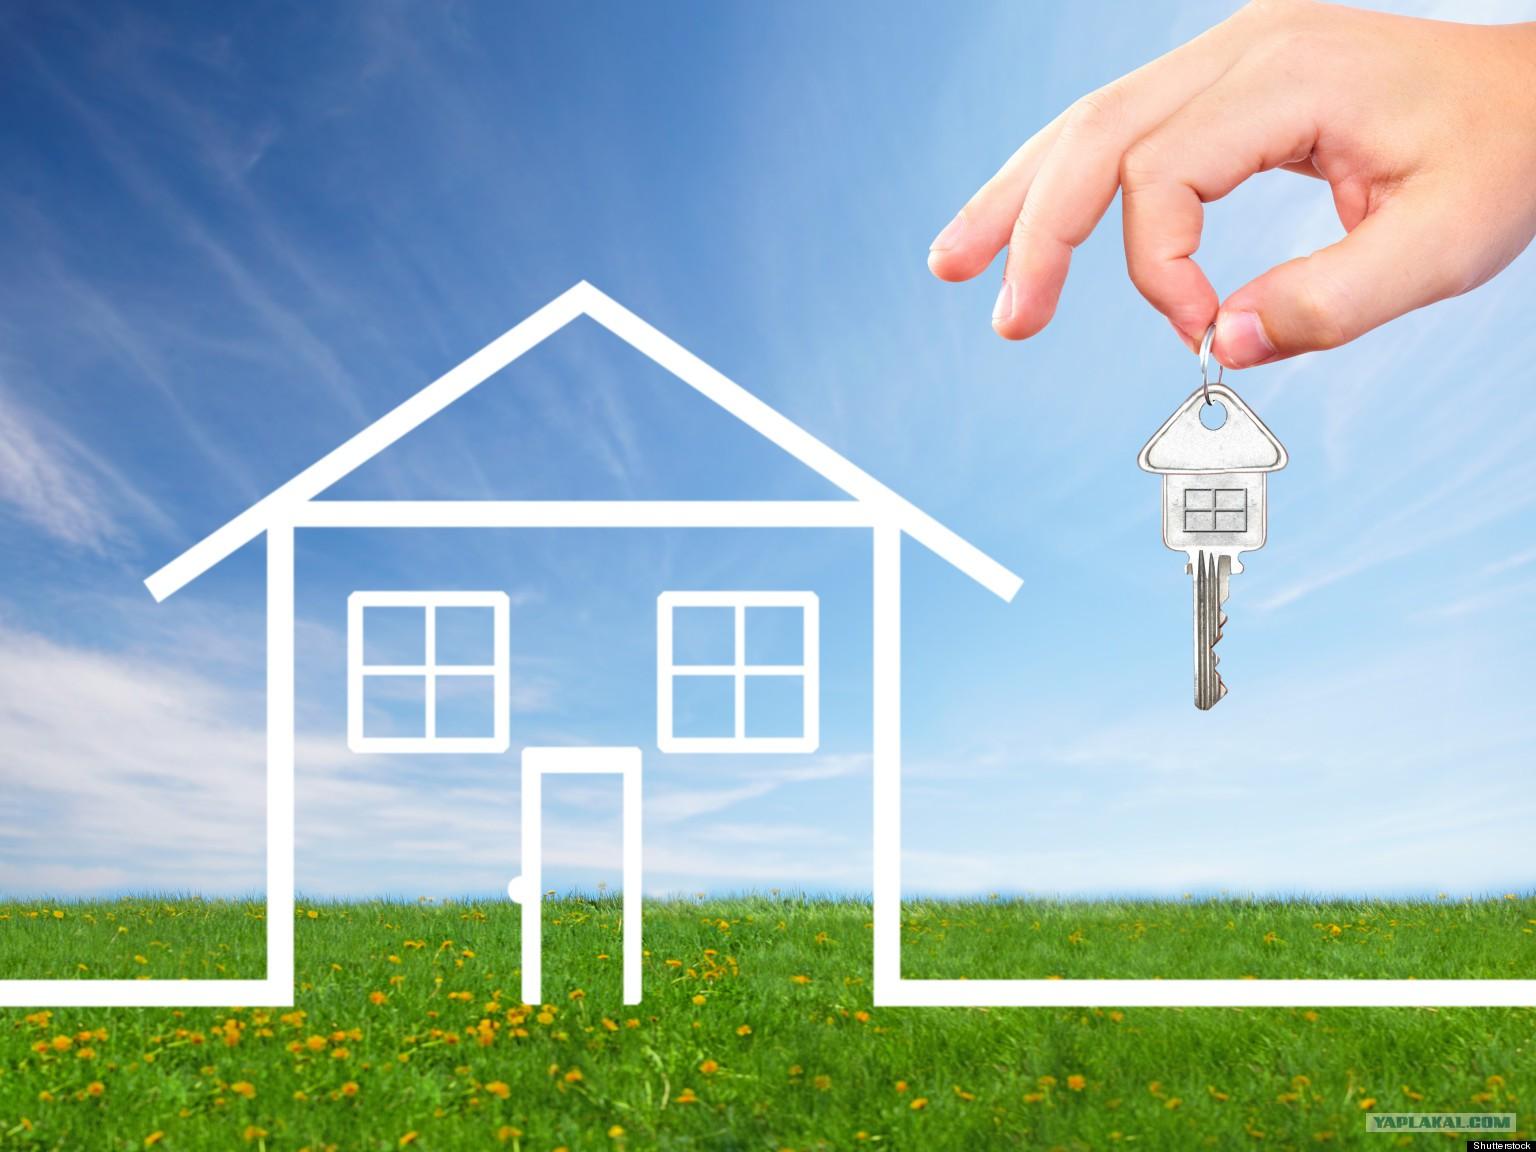 С начала года в Казахстане реализовали 78,2 тыс. квадратных метров кредитного жилья